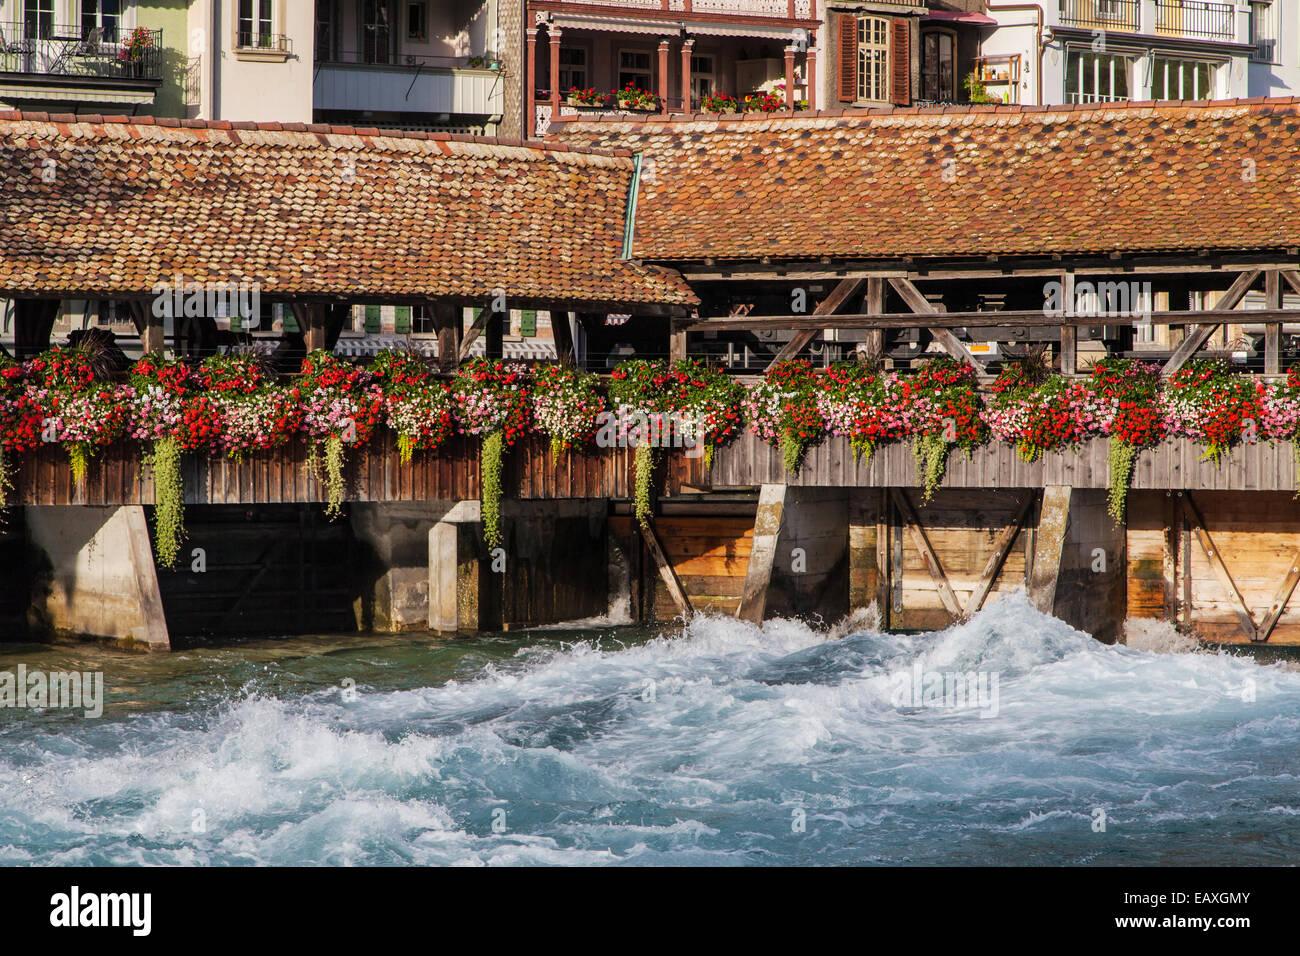 Blume-Brücke in Thun, Schweiz. Stockbild